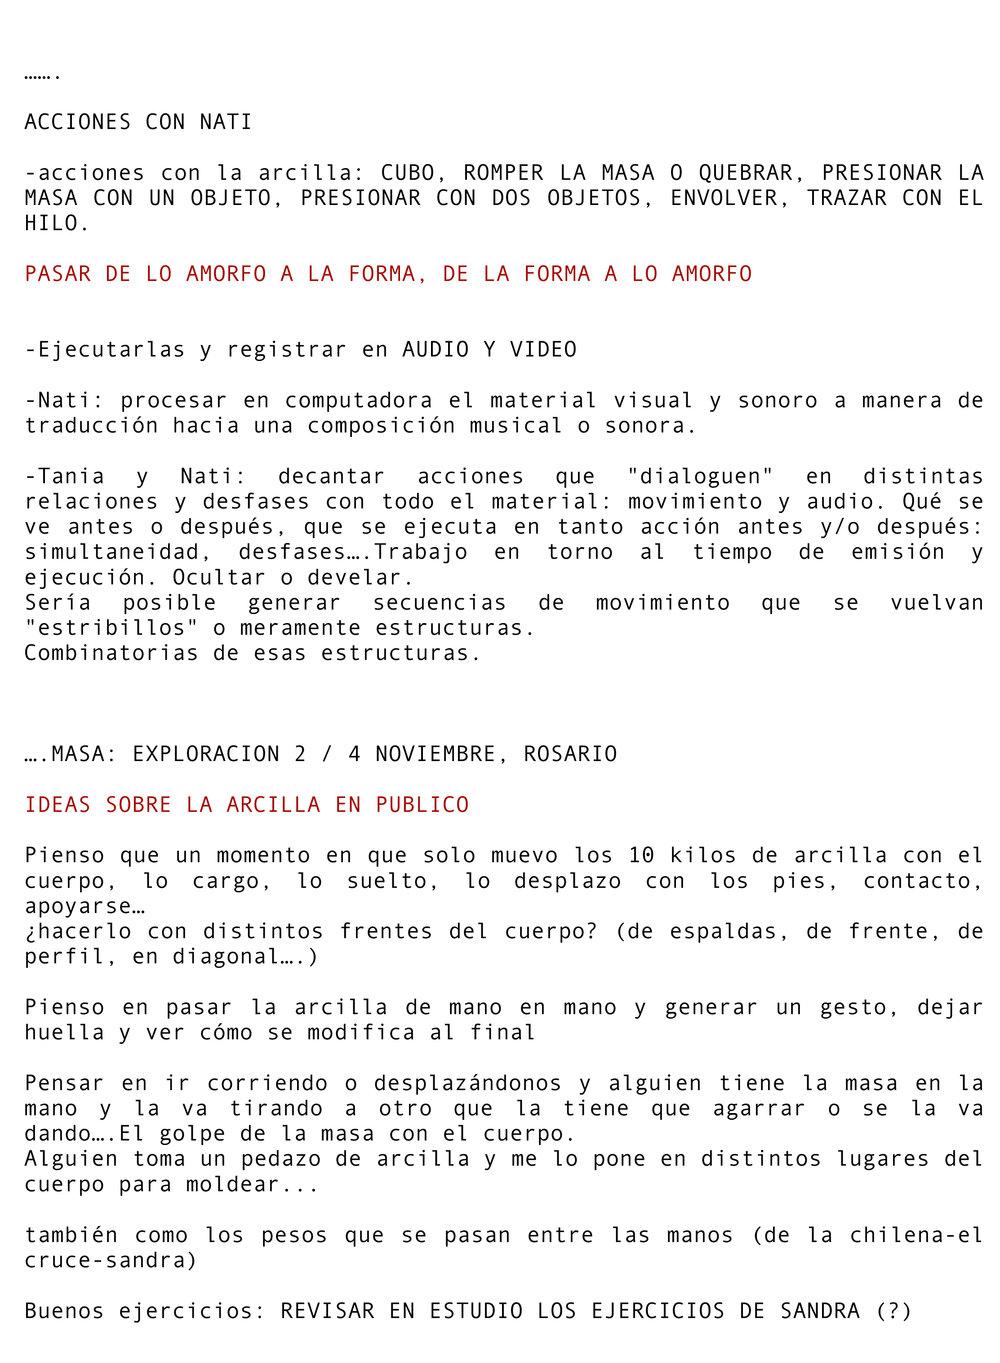 DIARIO_ARGENTINA-11.jpg